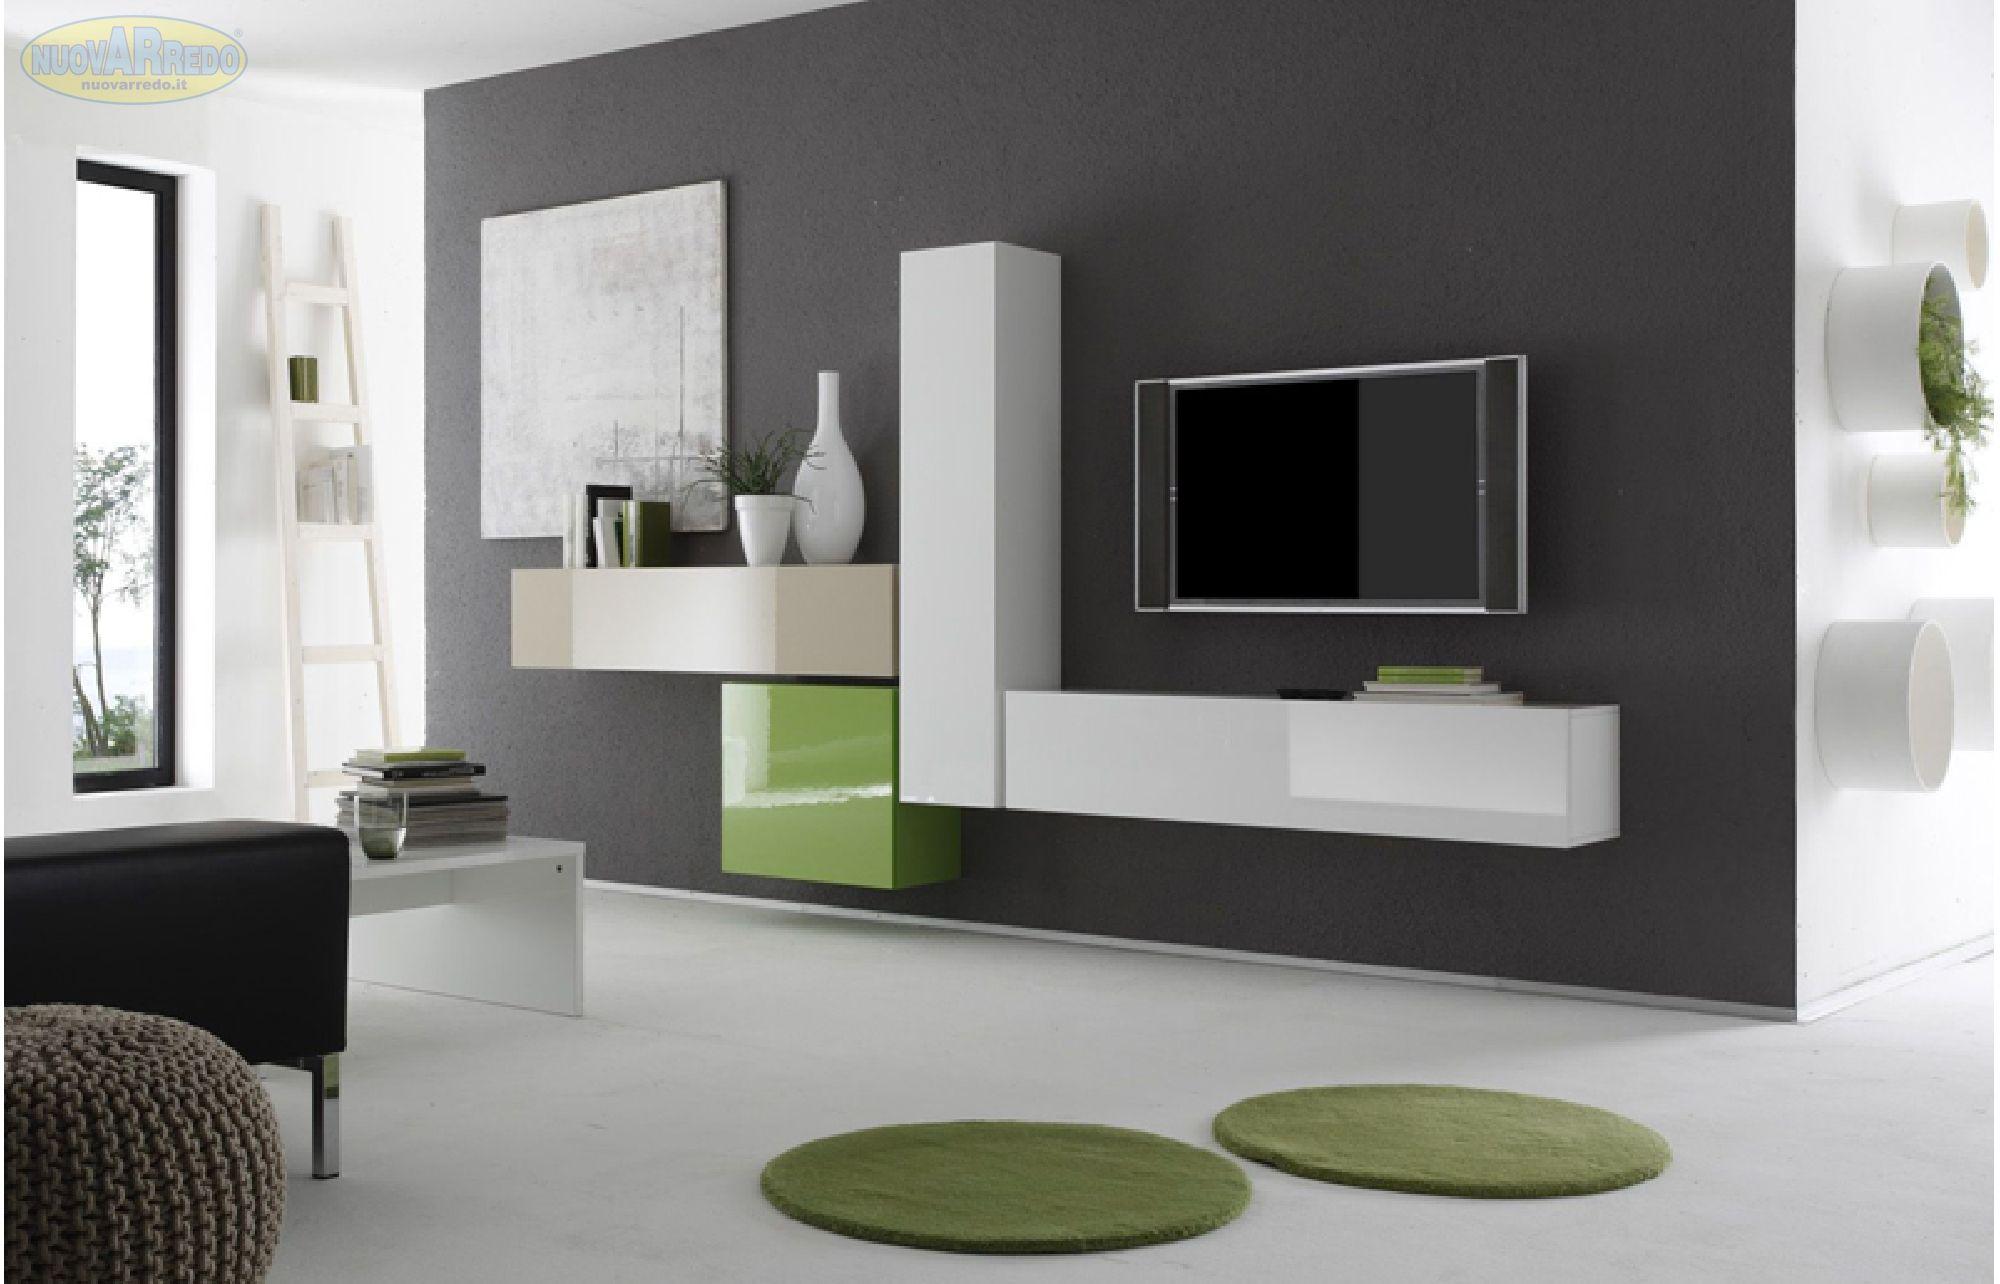 Parete Attrezzata Tortora E Bianco mobili salotto moderni prezzi